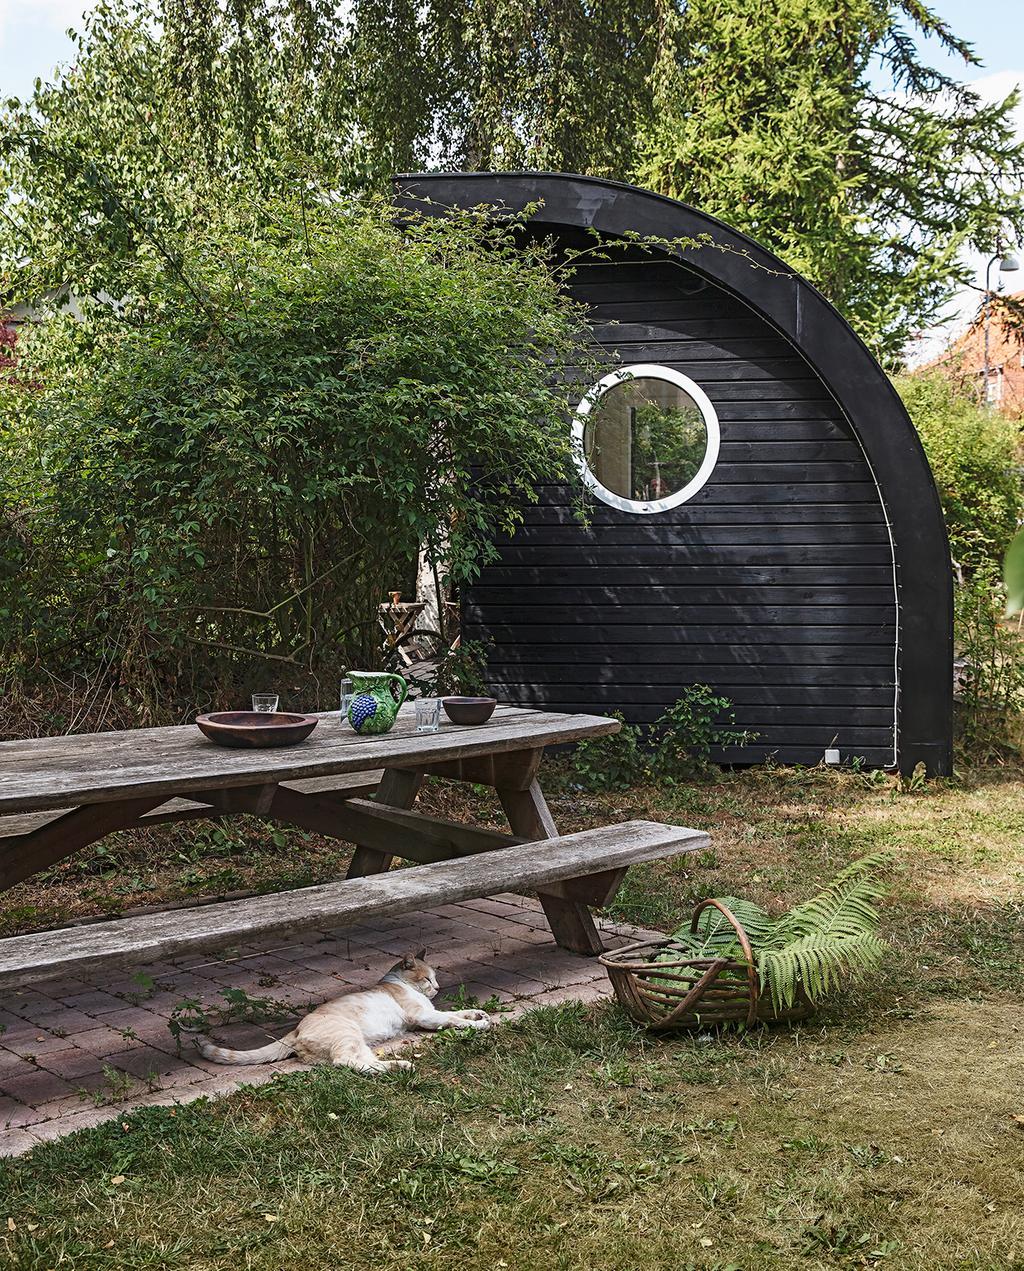 vtwonen tuin special 1-2020 | buitenplaats wilde tuin met zwart tuinhuis